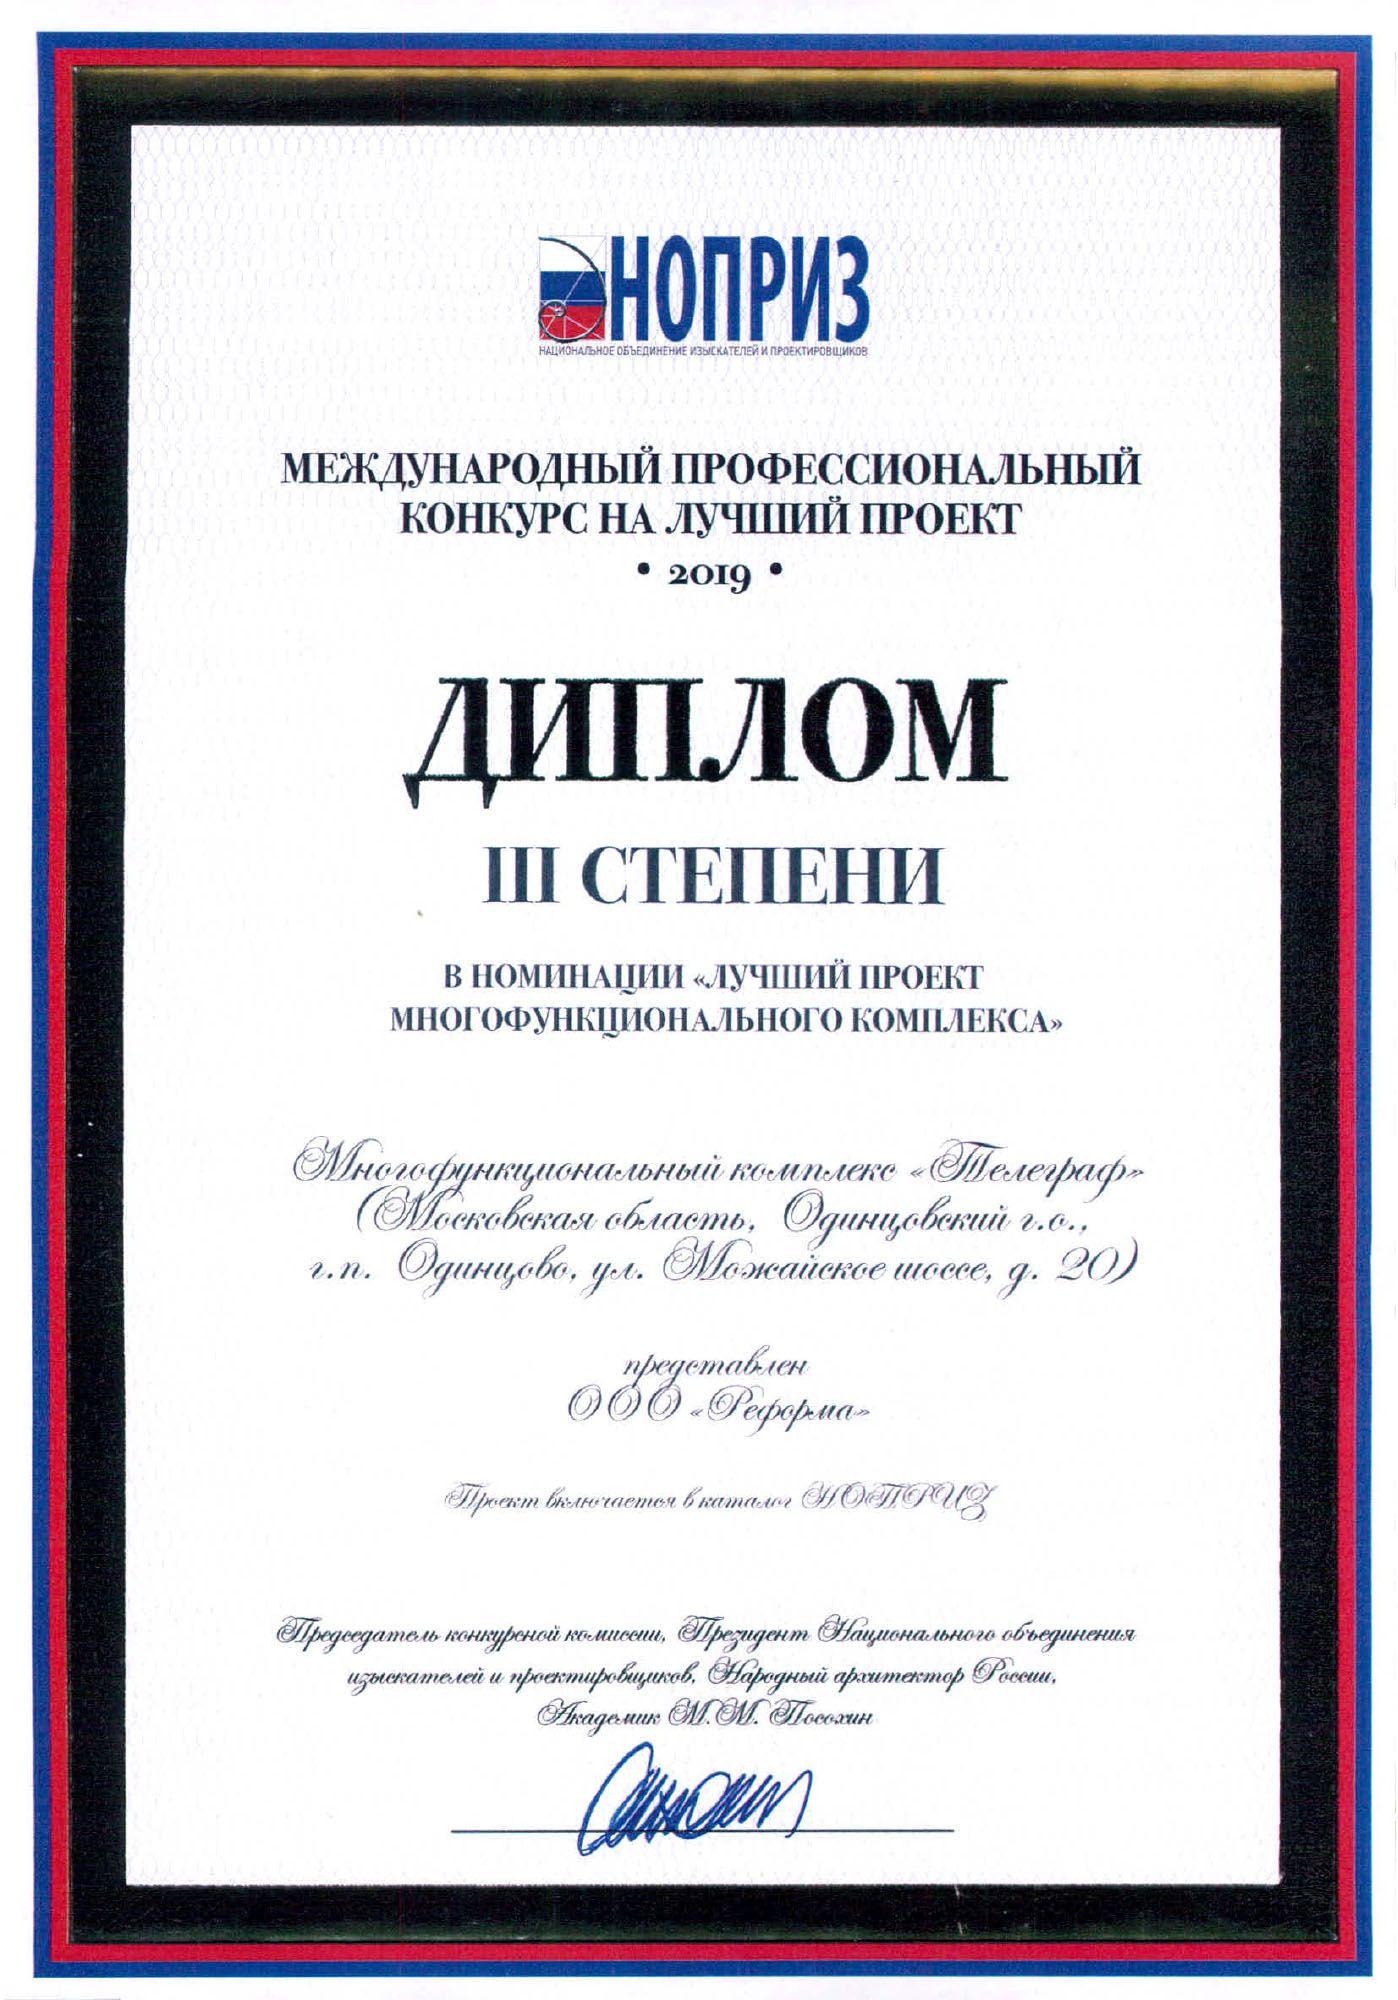 <a href='https://archreforma.ru/publikaciiinagrady/nopriz-2019-diplom-3/'>Посмотреть подробнее... 'НОПРИЗ 2019 Диплом 3</a>